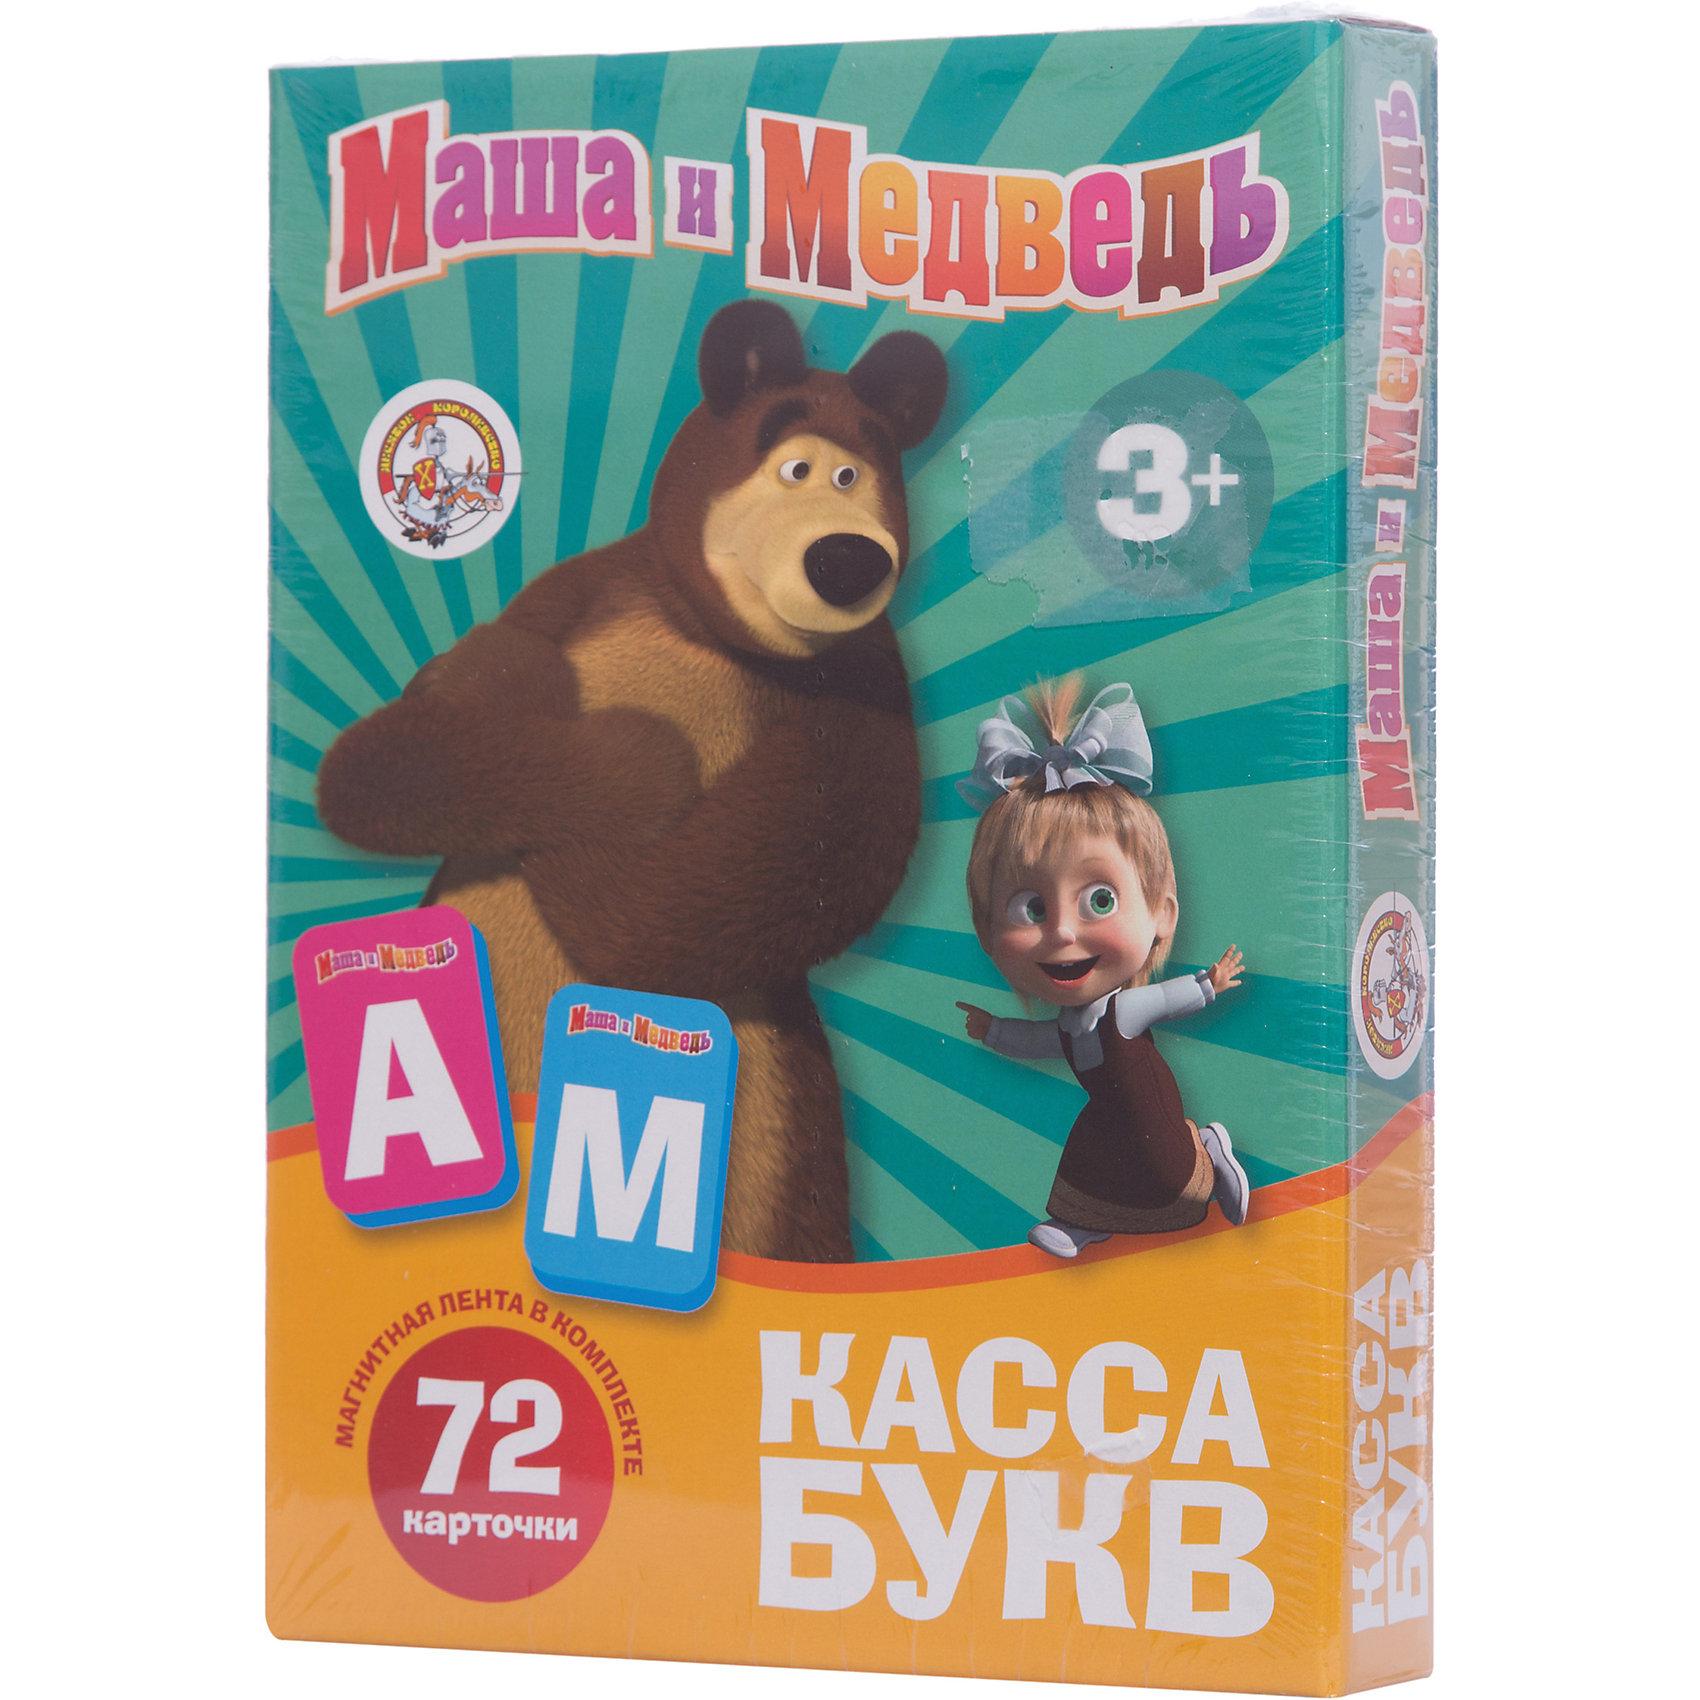 Касса букв на магнитах, Маша и МедведьМаша и Медведь<br>Магнитная касса букв Маша и Медведь - это вспомогательный материал для обучения ребенка алфавиту. С помощью кассы букв он шаг за шагом познакомится с алфавитом, запомнит написание букв, научиться соединять буквы в слоги и складывать слова.<br><br>В комплект игры входят 72 карточки с изображением букв русского алфавита. Карточки выполнены из картона и экологически чистого абсолютно безопасного для ребенка полимерного материала и полностью готовы для занятий за столом.<br><br>Для использования карточек в качестве магнитного материала необходимо отрезать от прилагаемой магнитной ленты 72 кусочка длиной 5-6 мм, снять с каждого из них защитный слой и наклеить примерно посередине обратной стороны карточки. Готовые карточки хорошо фиксируются на любой гладкой металлической поверхности. <br><br>Дополнительная информация:<br><br>Размер карточки: 3,5 см x 5 см x 0,5 см. <br>Материал: картон, вспененный полимер, магнит.<br><br>Ширина мм: 200<br>Глубина мм: 270<br>Высота мм: 40<br>Вес г: 175<br>Возраст от месяцев: 24<br>Возраст до месяцев: 1188<br>Пол: Унисекс<br>Возраст: Детский<br>SKU: 2513119